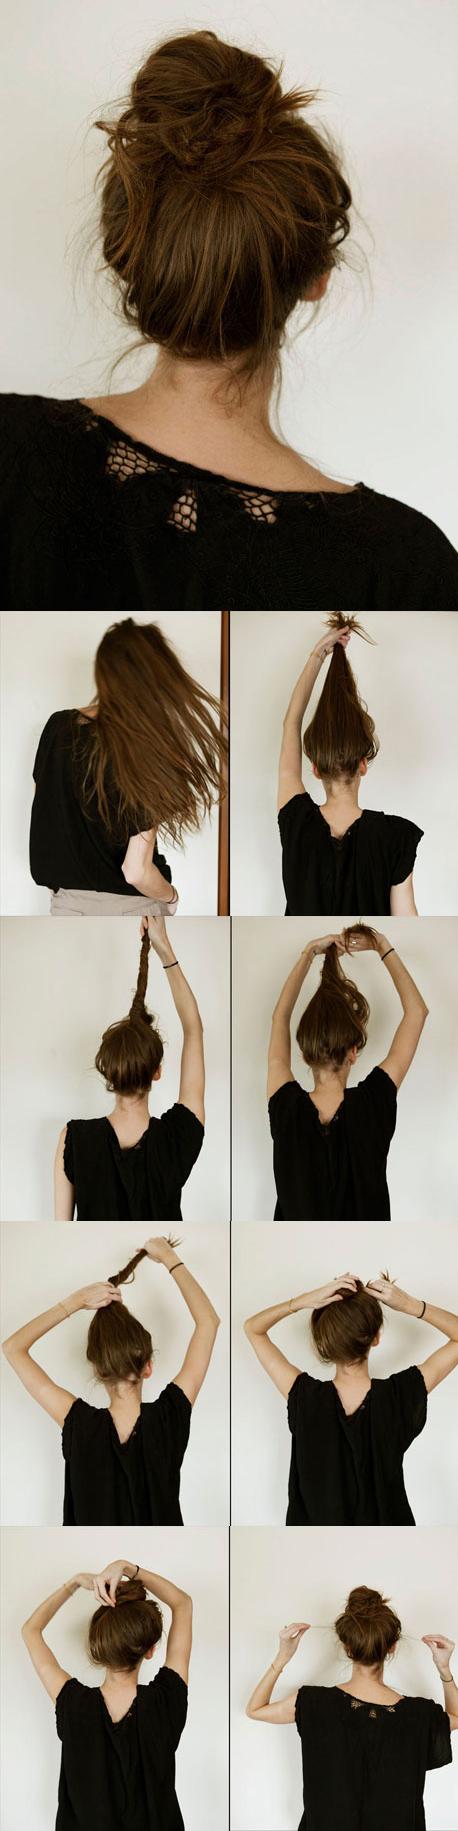 Super 13 Rather Simple Bun Hairstyles Tutorials For 2014 Pretty Designs Short Hairstyles Gunalazisus